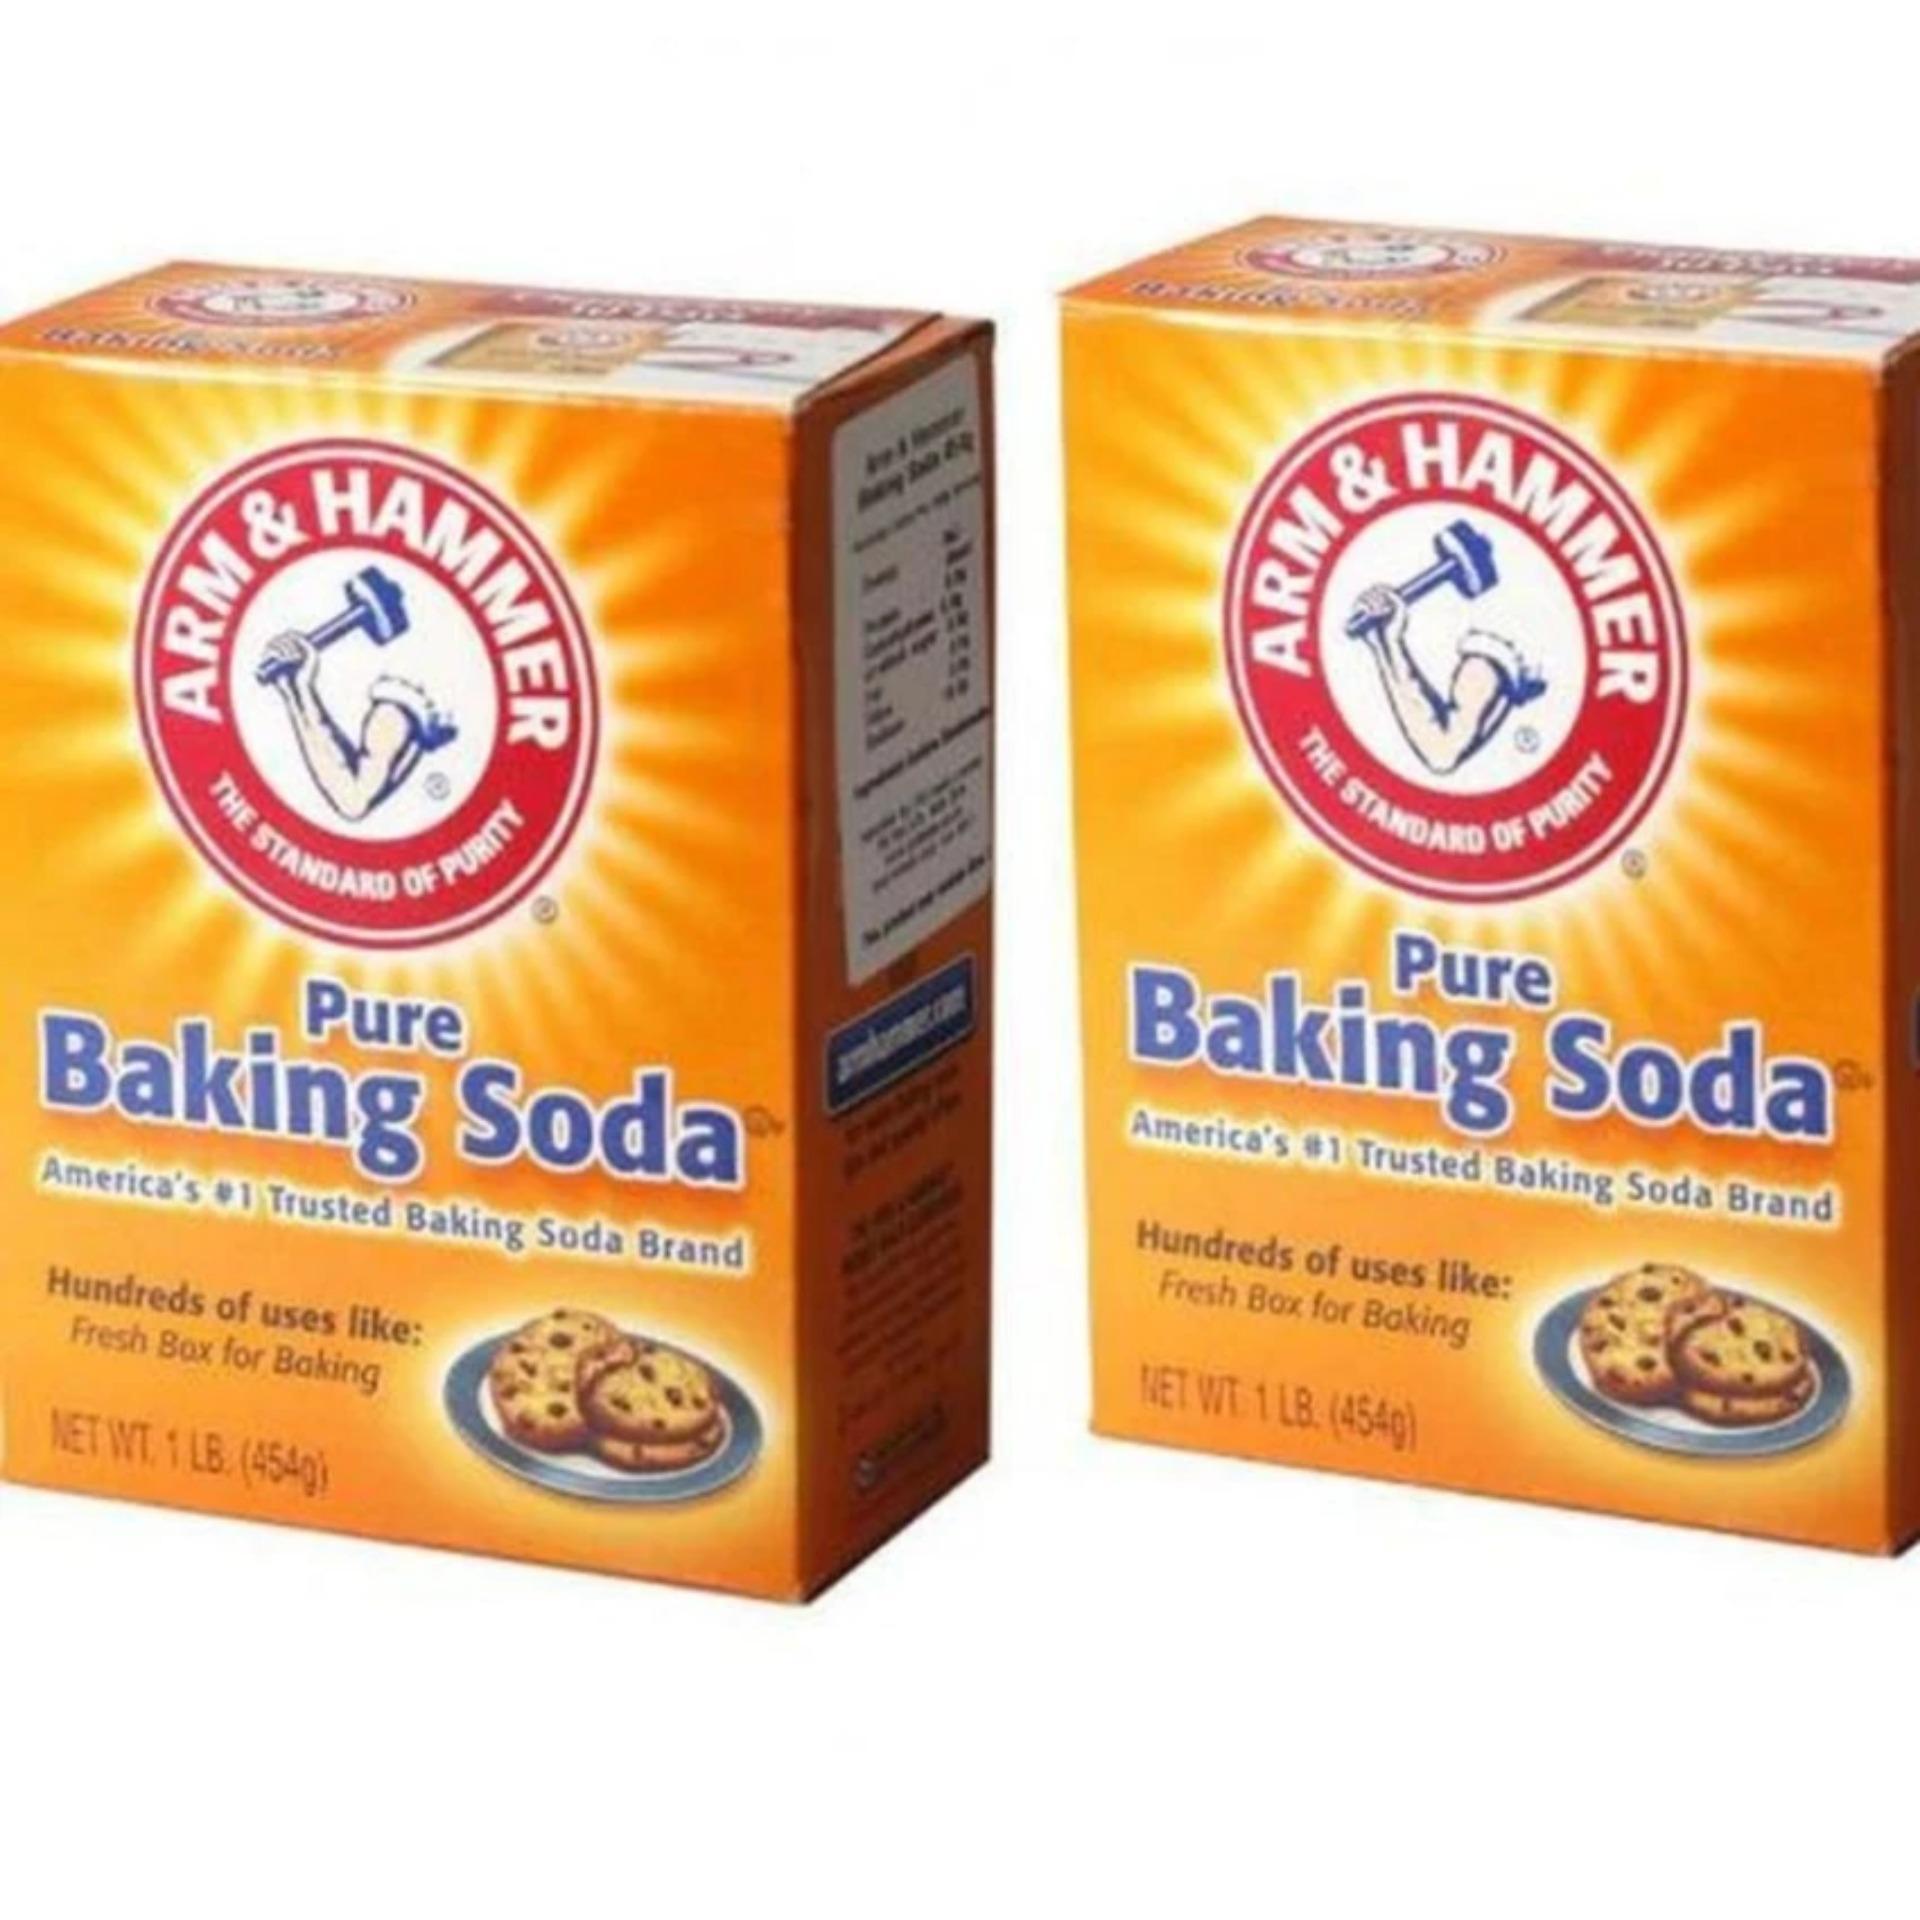 Bộ 2 hộp bột Banking Soda đa công dụng Arm & Hammer 454g